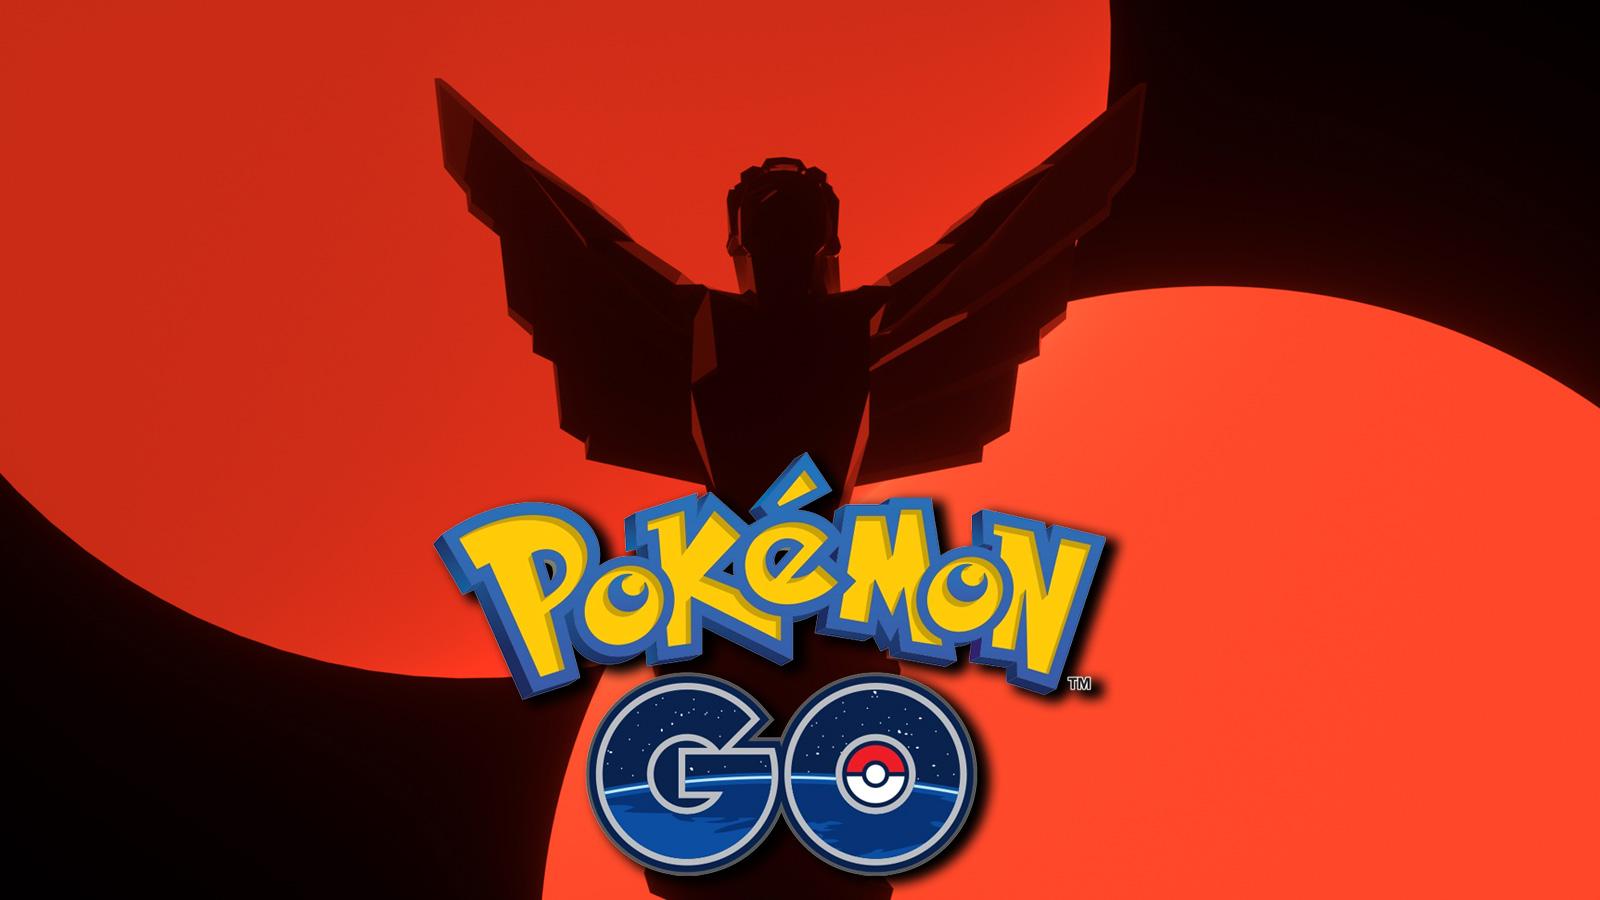 The Game Awards 2020 promotion next to Pokemon GO logo.